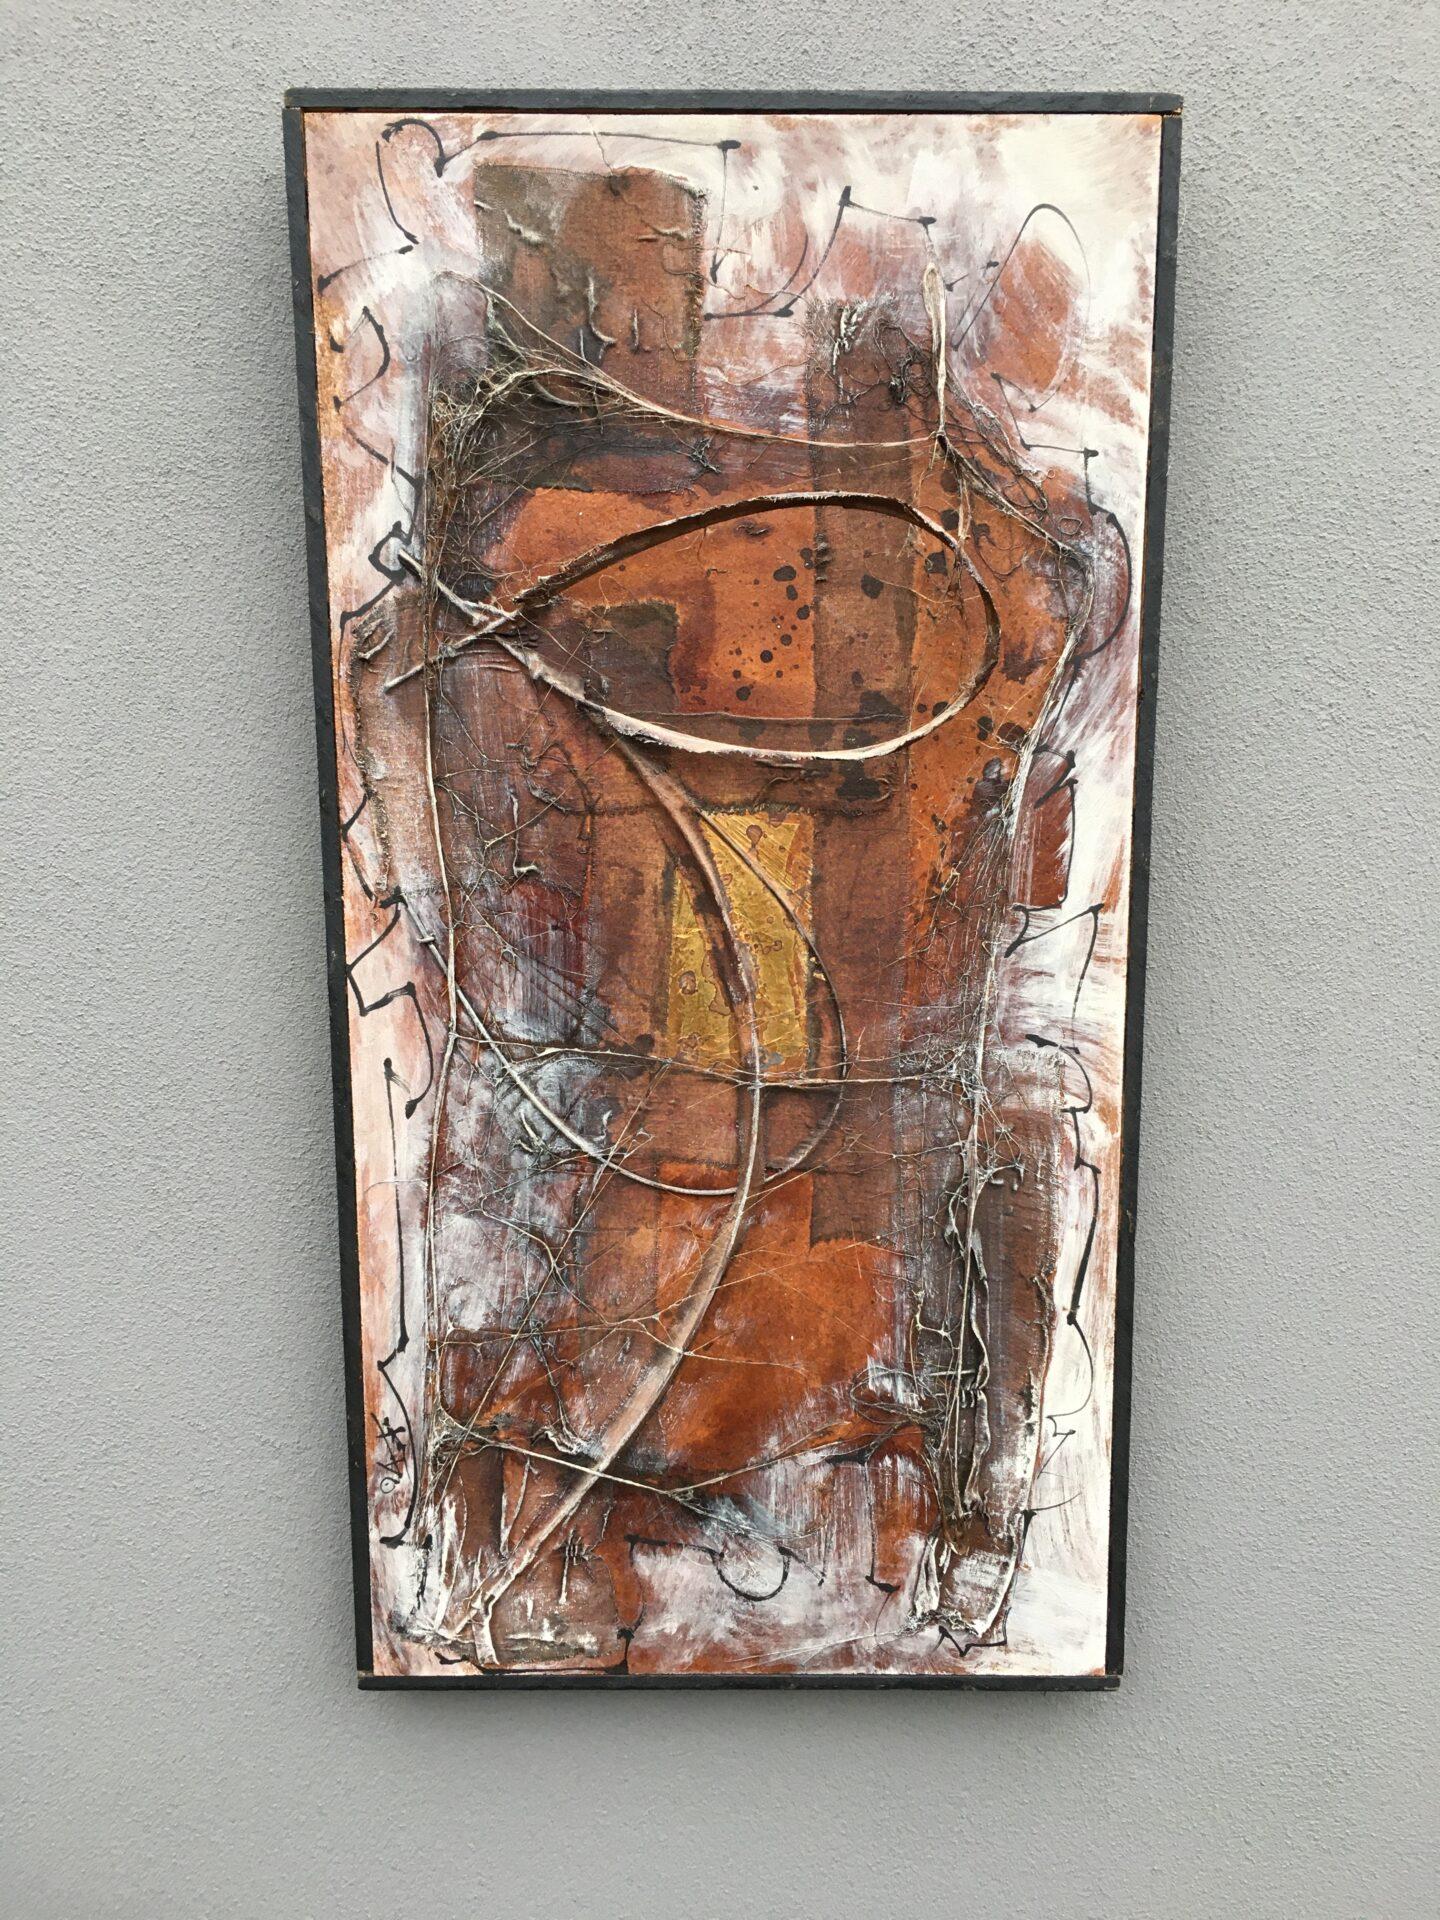 Figurkomposition af Birger Th. Hansen (olie,metal,stof) på plade, 42x82 cm, pris 100 kr